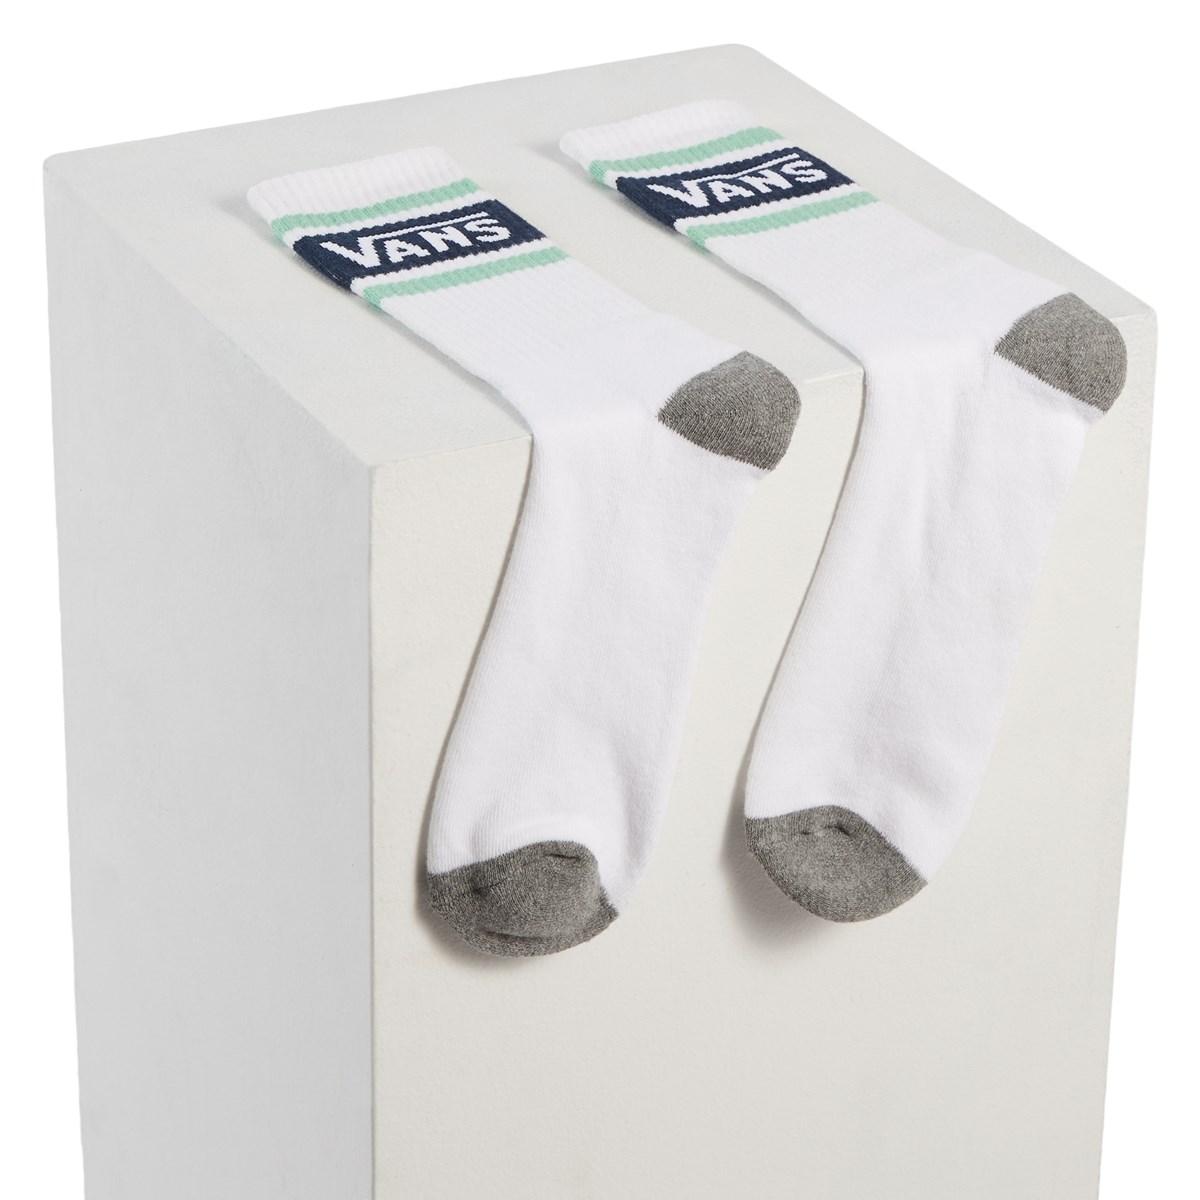 Men's Tribe Crew Socks in White